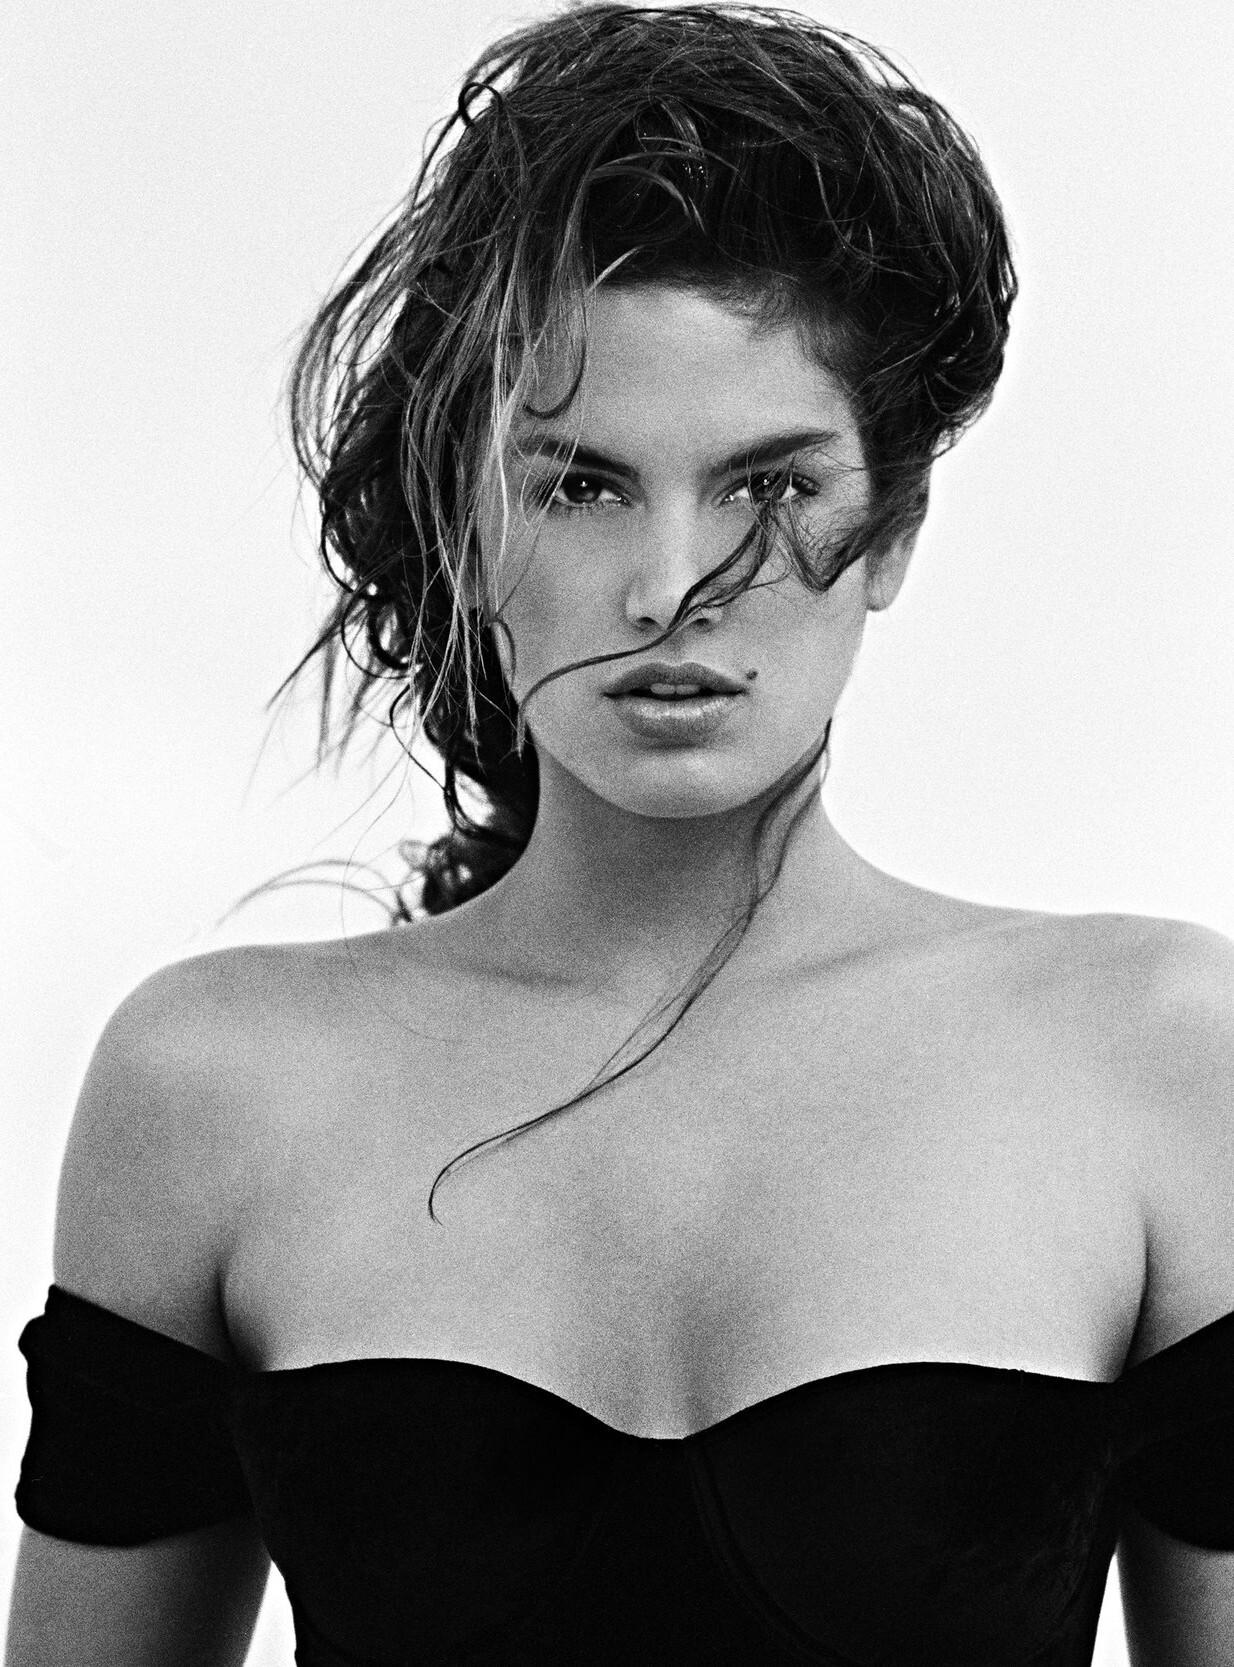 Синди Кроуфорд, 1991. Фотограф Марко Главиано